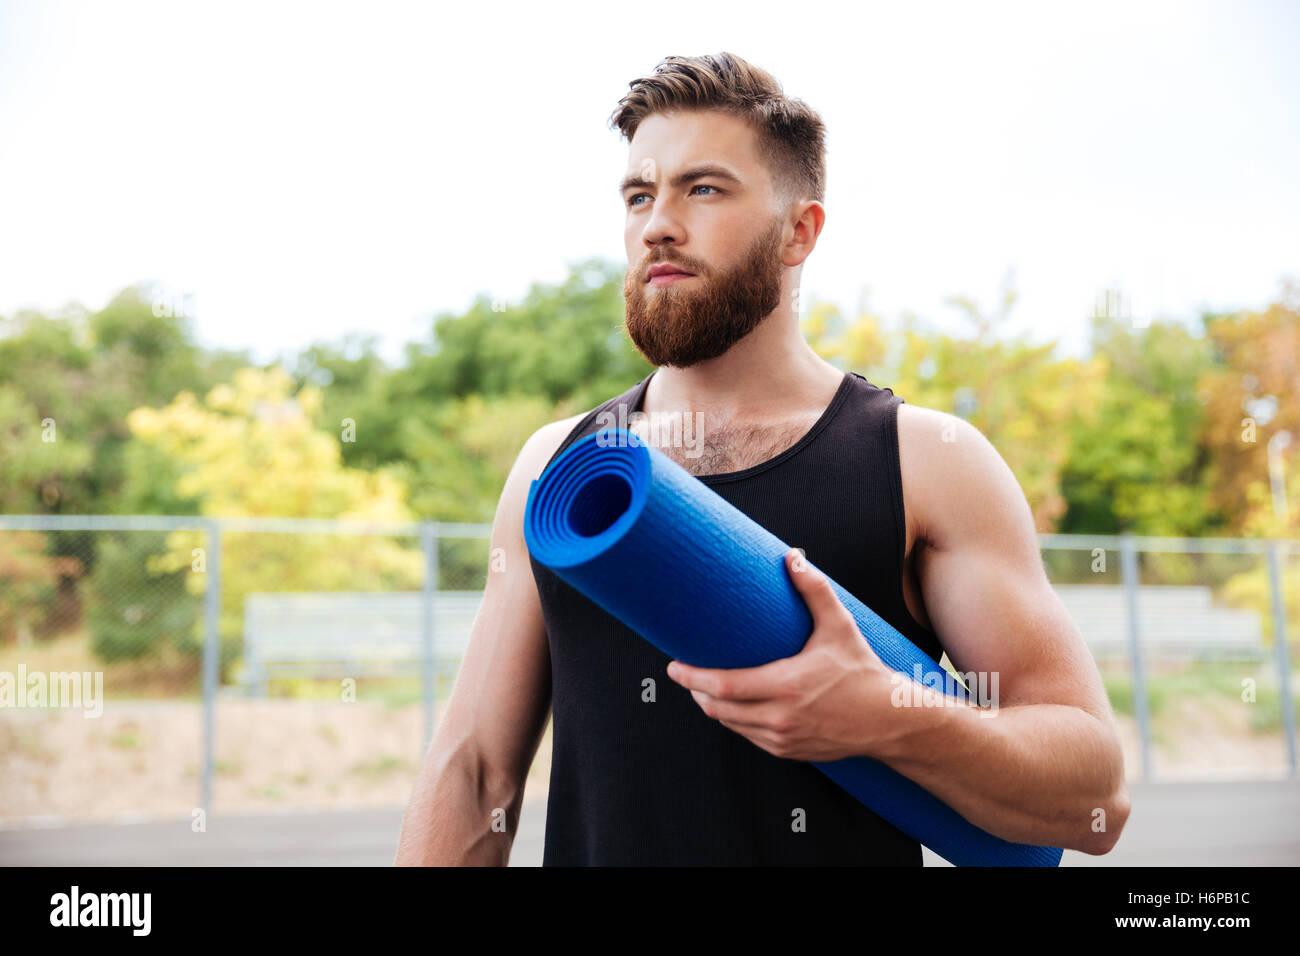 Instructor de yoga masculina graves concentrada la celebración de mat mientras está parado afuera Imagen De Stock